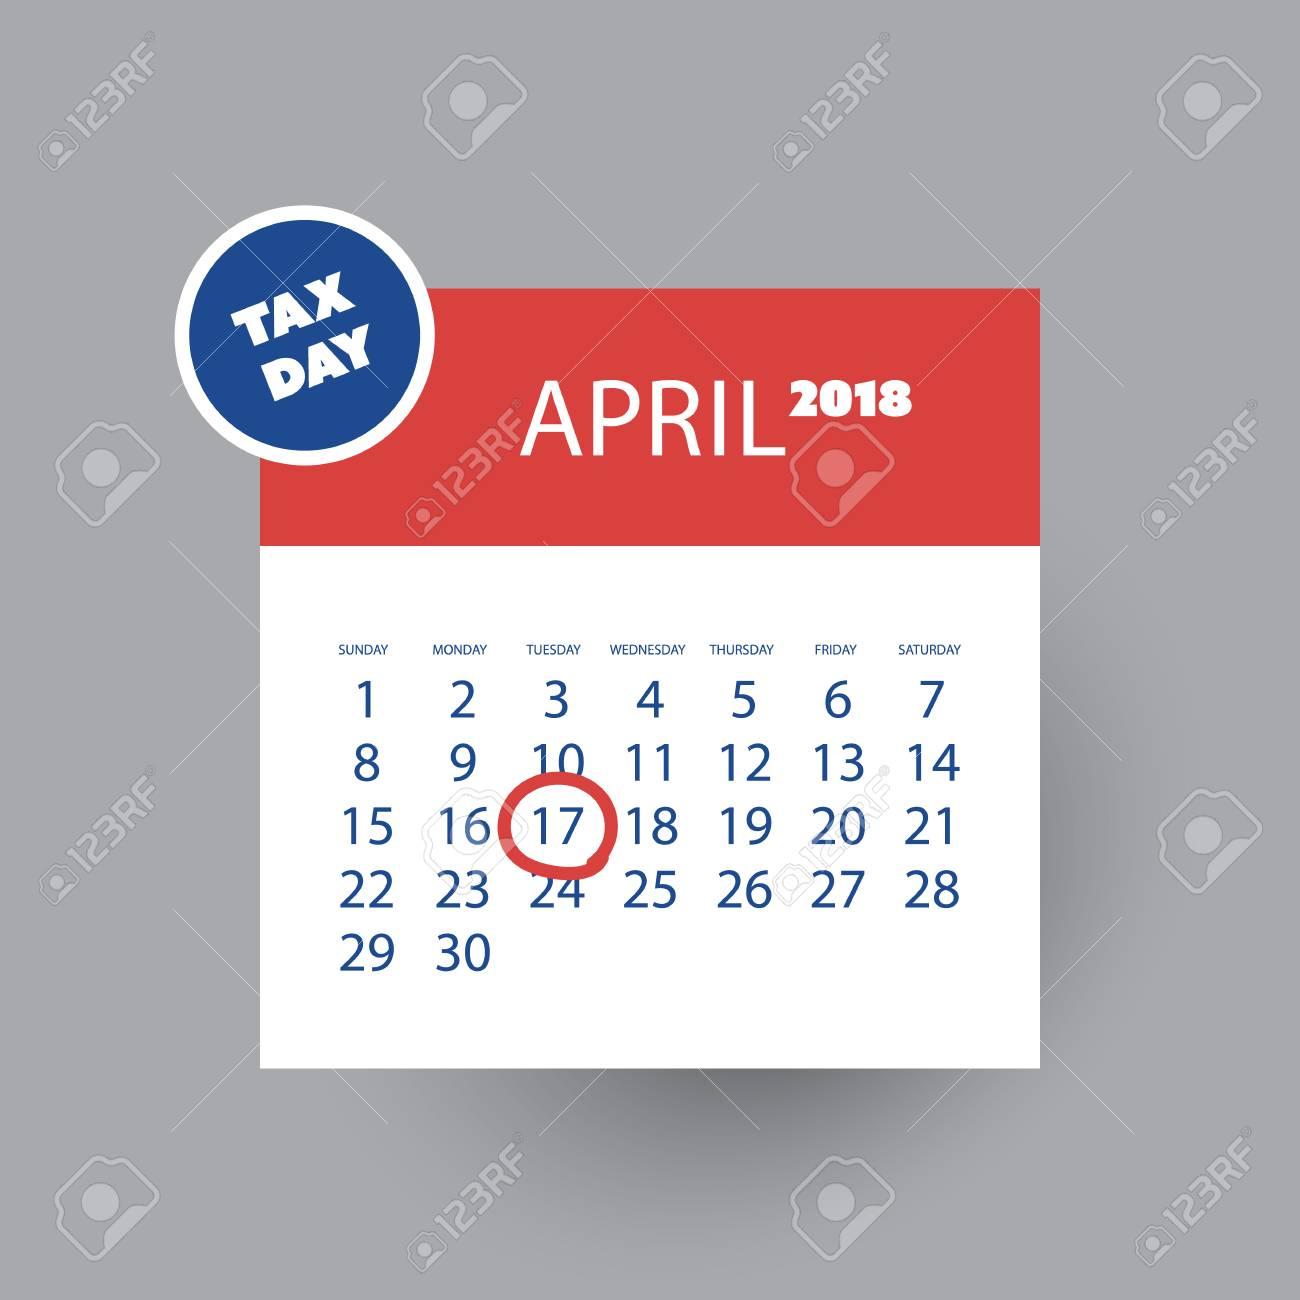 Concepto De Recordatorio Del Día De Impuestos - Plantilla De Diseño ...